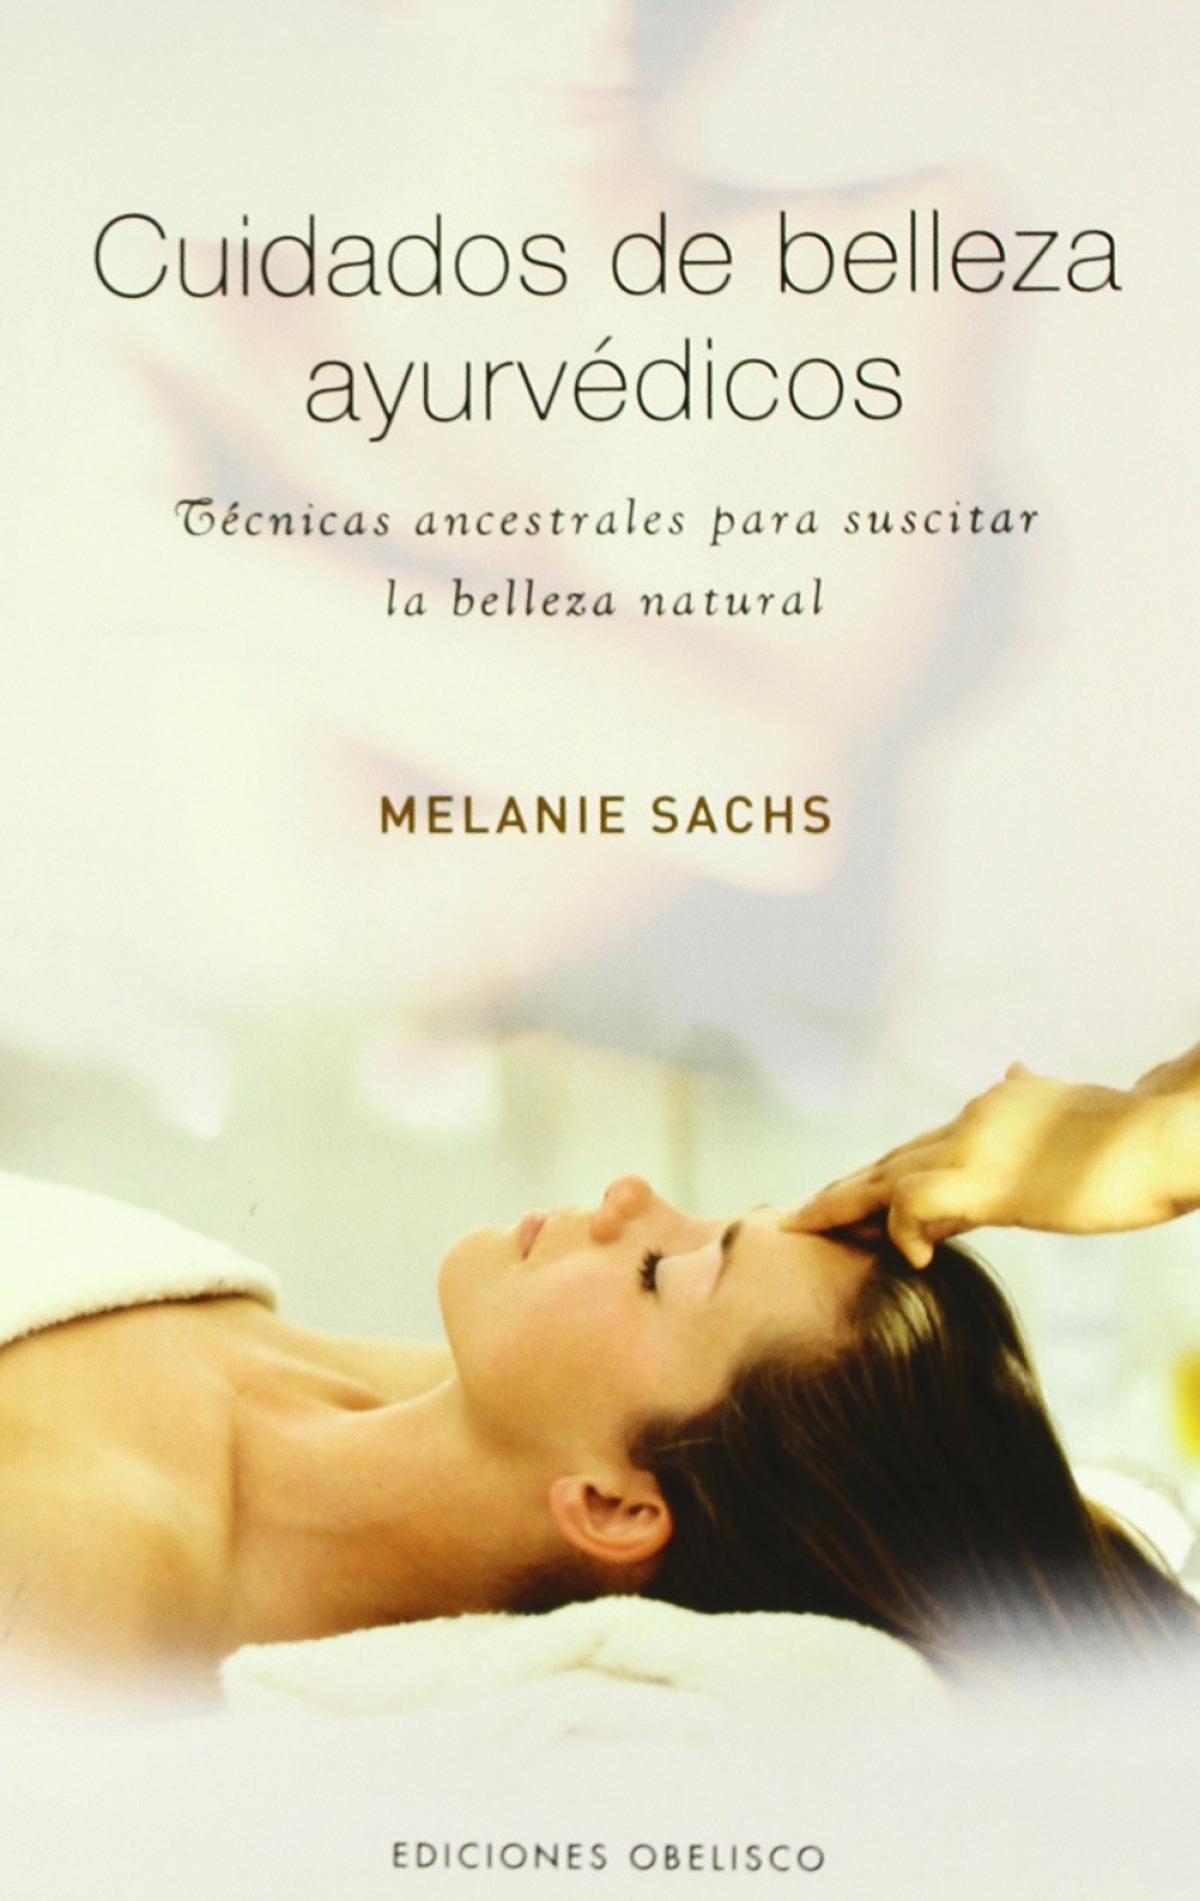 Cuidados de belleza ayurvedicos - Sachs, Melanie